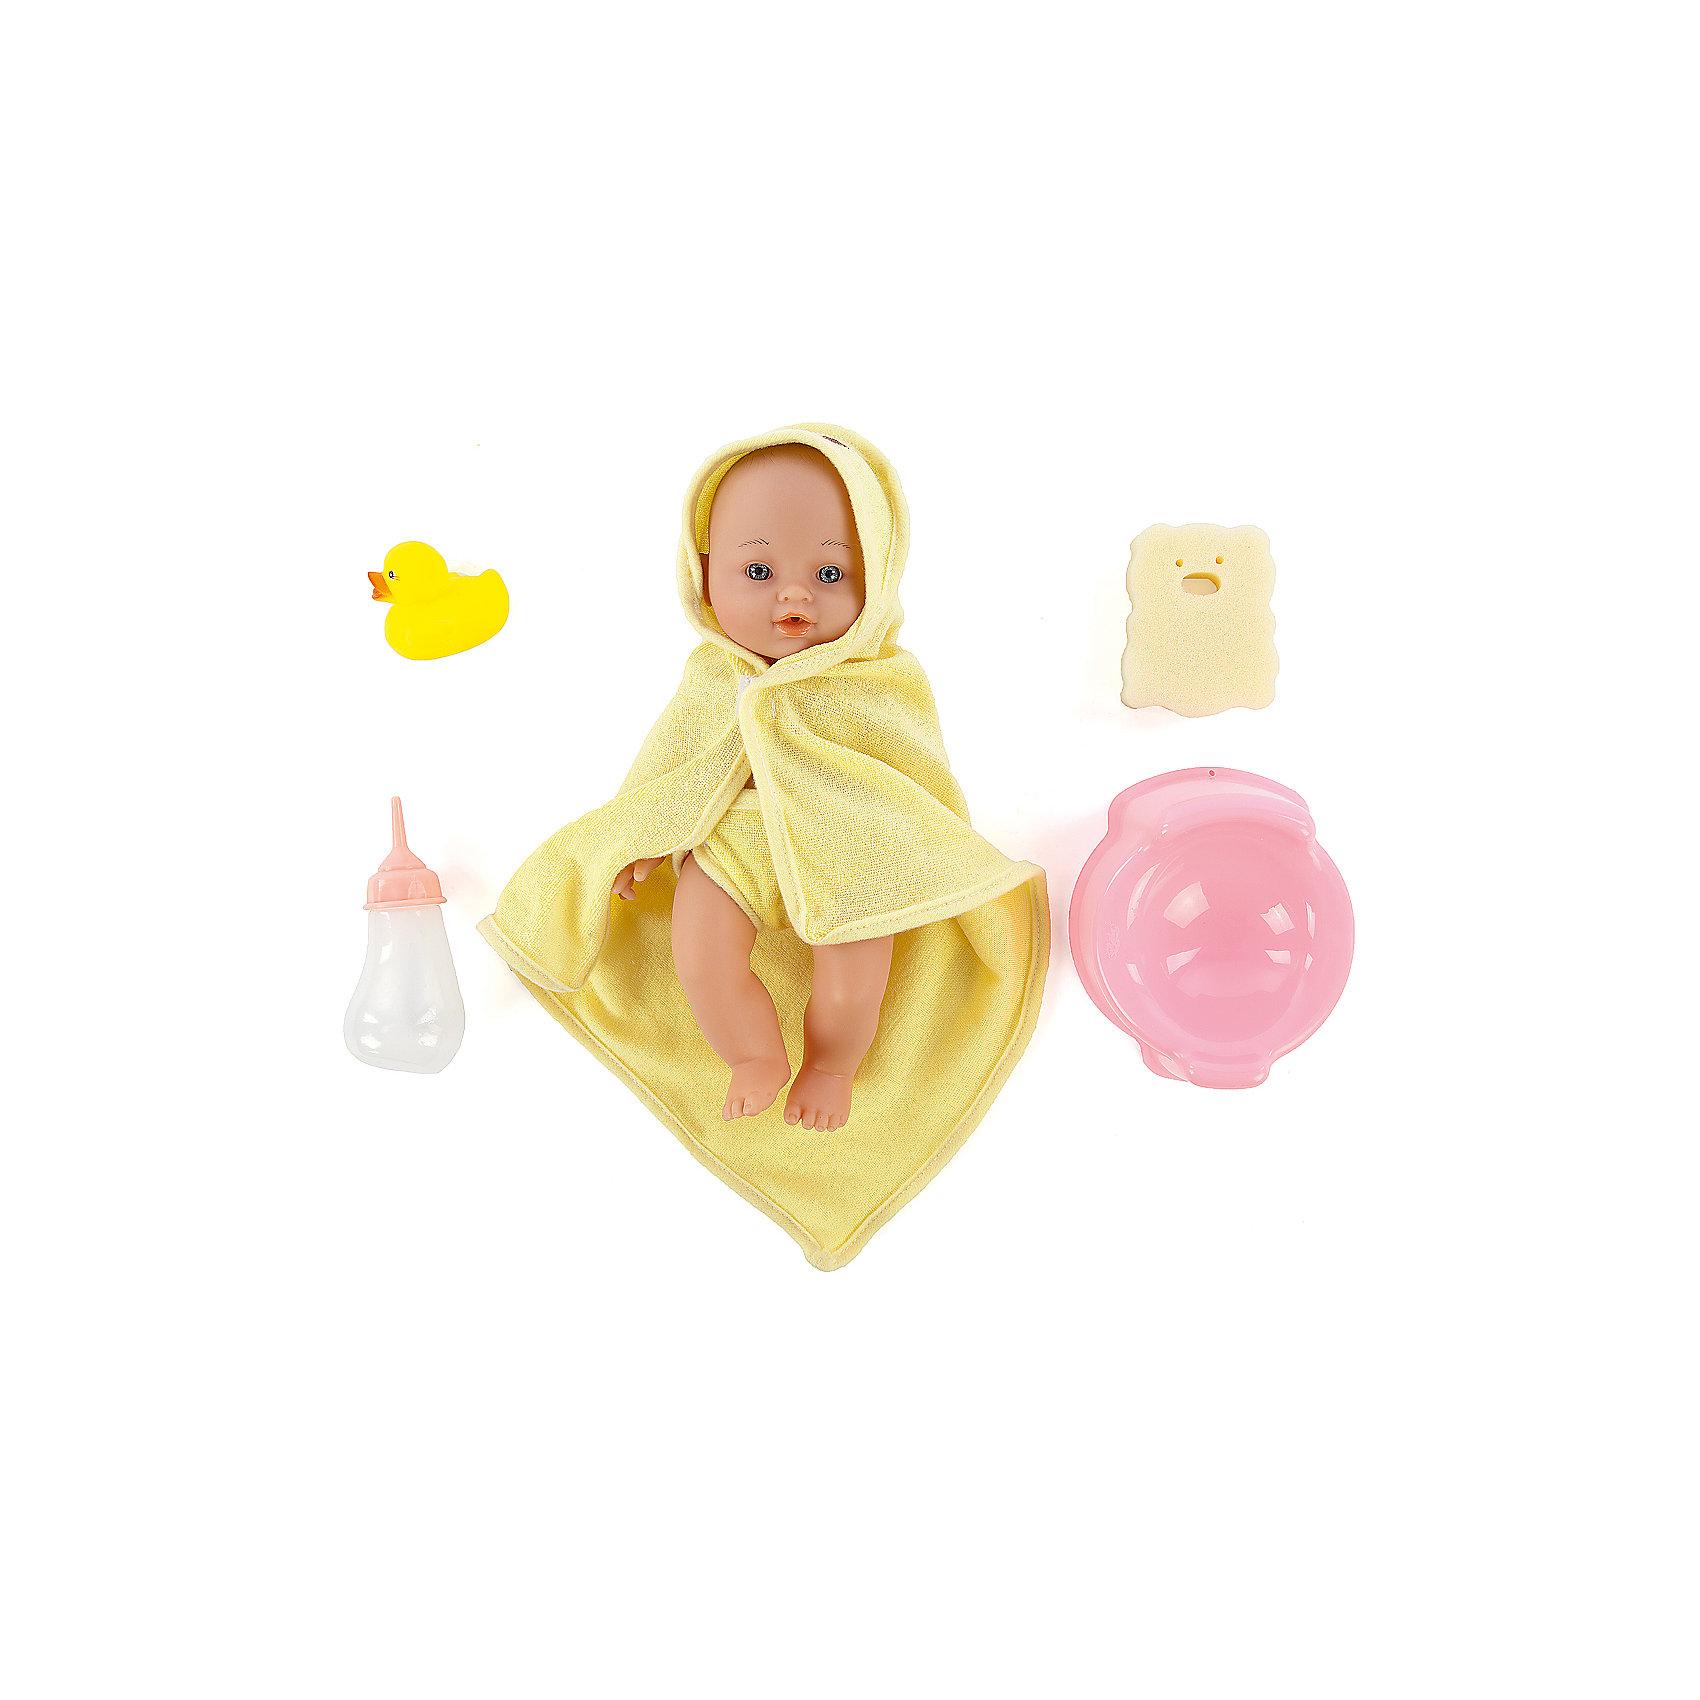 Игровой набор с пупсом и аксессуарами Пошли купаться, Mary PoppinsКуклы-пупсы<br>Игровой набор с пупсом и аксессуарами Пошли купаться, Mary Poppins.<br><br>Характеристики:<br><br>• Комплектация: кукла, бутылочка, горшок, мочалка, игрушка для купания<br>• Высота куклы: 30 см.<br>• Материал: пластик, ПВХ, текстиль<br>• Упаковка: рюкзачок<br><br>Игровой набор с пупсом и аксессуарами Пошли купаться от производителя Mary Poppins позволит девочке устраивать невероятно увлекательные сюжетно-ролевые игры! Комплект включает в себя очаровательного пупса, одетого в трусики и накидку с капюшоном, которая одновременно служит полотенцем. У куклы есть функция пью и писаю: можно напоить ее настоящей водой из бутылочки и потом посадить на горшок. Пупса можно купать в ванной (тельце у куклы твердое). В комплекте с куклой имеется мочалка и игрушка для купания. Кукла упакована в рюкзачок.<br><br>Игровой набор с пупсом и аксессуарами Пошли купаться, Mary Poppins можно купить в нашем интернет-магазине.<br><br>Ширина мм: 180<br>Глубина мм: 130<br>Высота мм: 245<br>Вес г: 416<br>Возраст от месяцев: 24<br>Возраст до месяцев: 2147483647<br>Пол: Женский<br>Возраст: Детский<br>SKU: 5402776